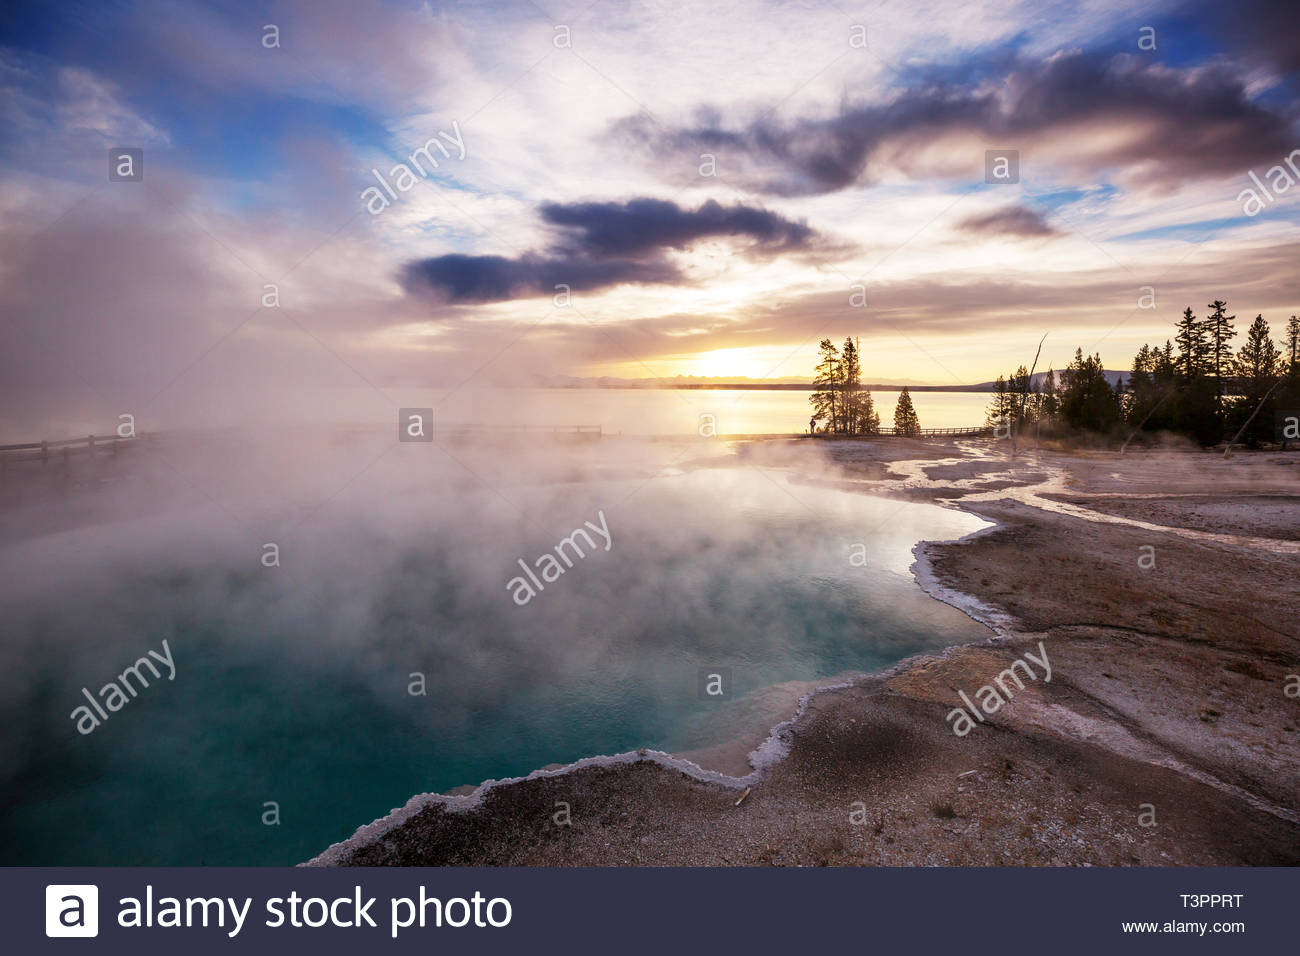 Inspiring natural background Wooden boardwalk along geyser fields 1300x956